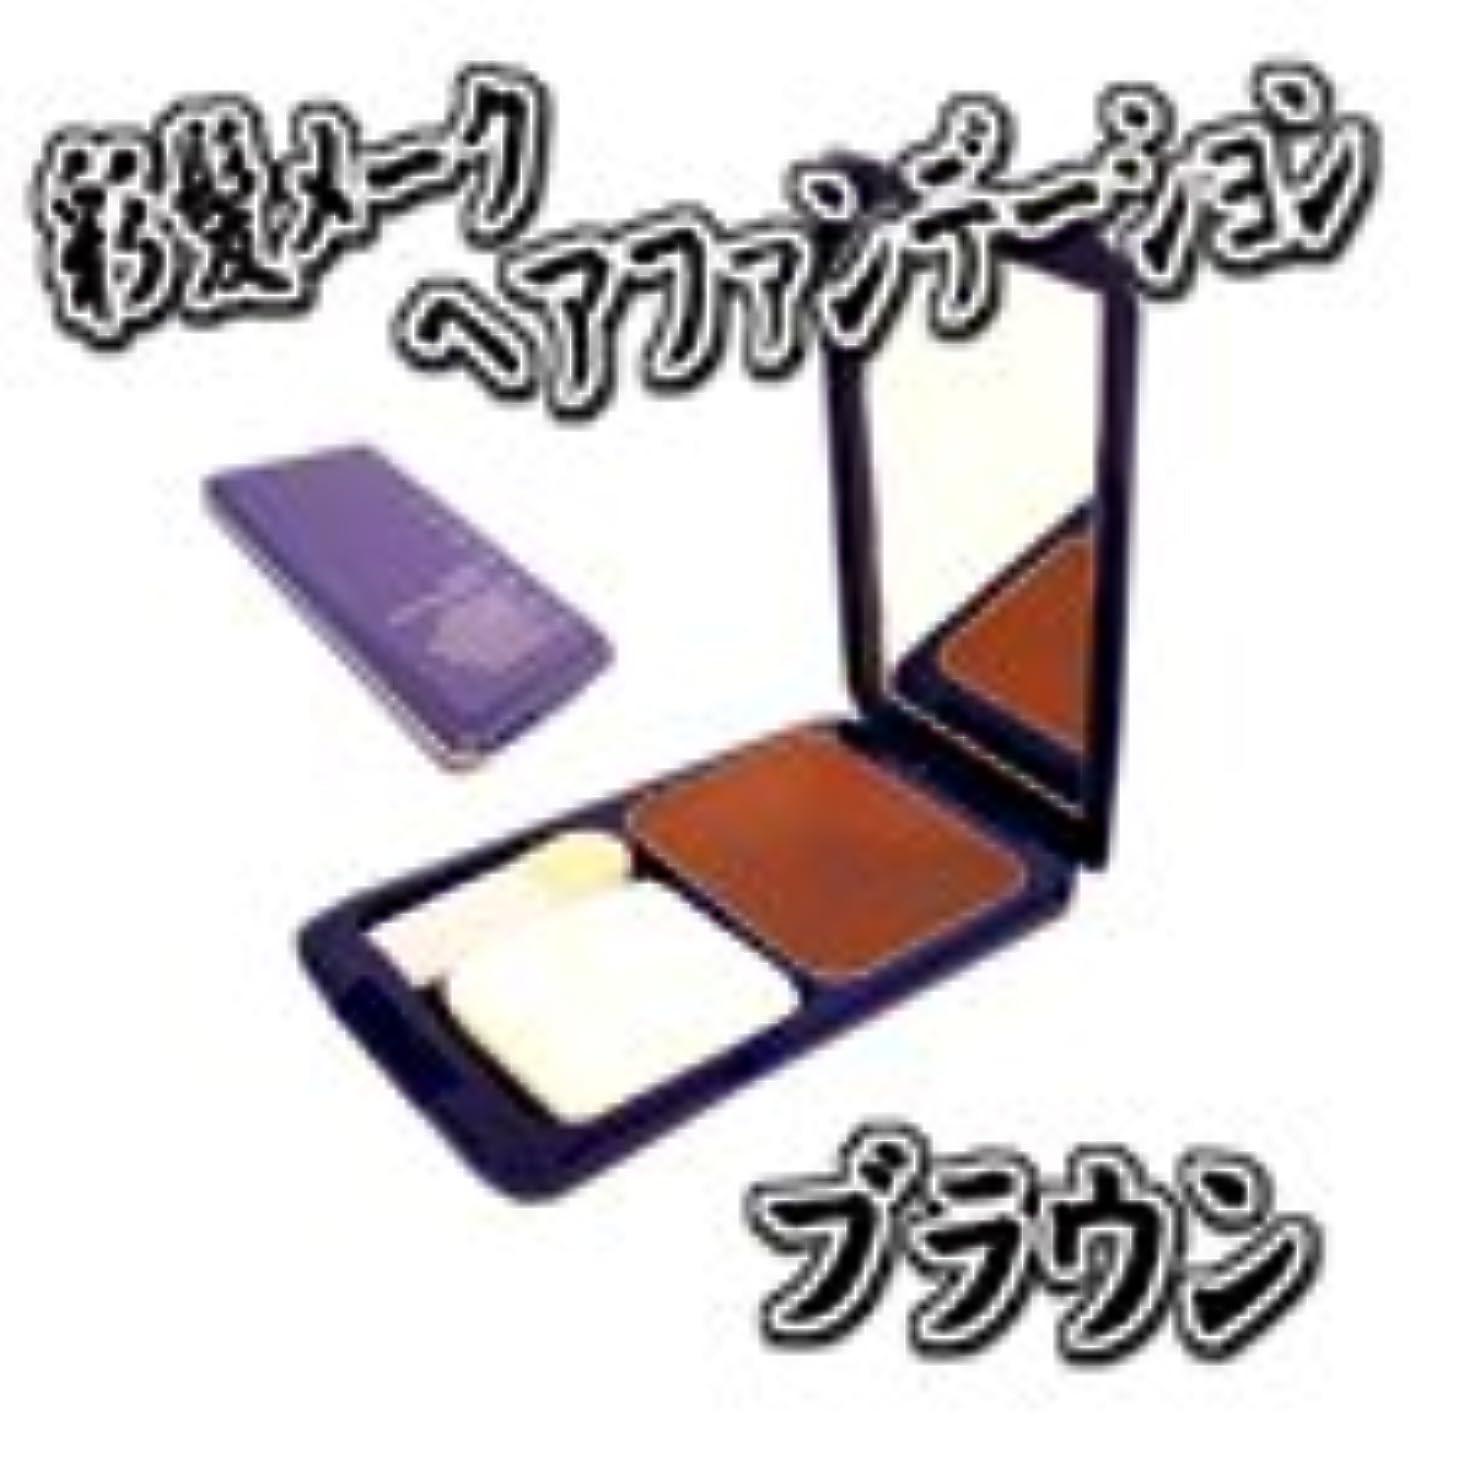 ジュモン 彩髪メーク ファンデーション 【ブラウン】 白髪隠し コンパクトタイプ